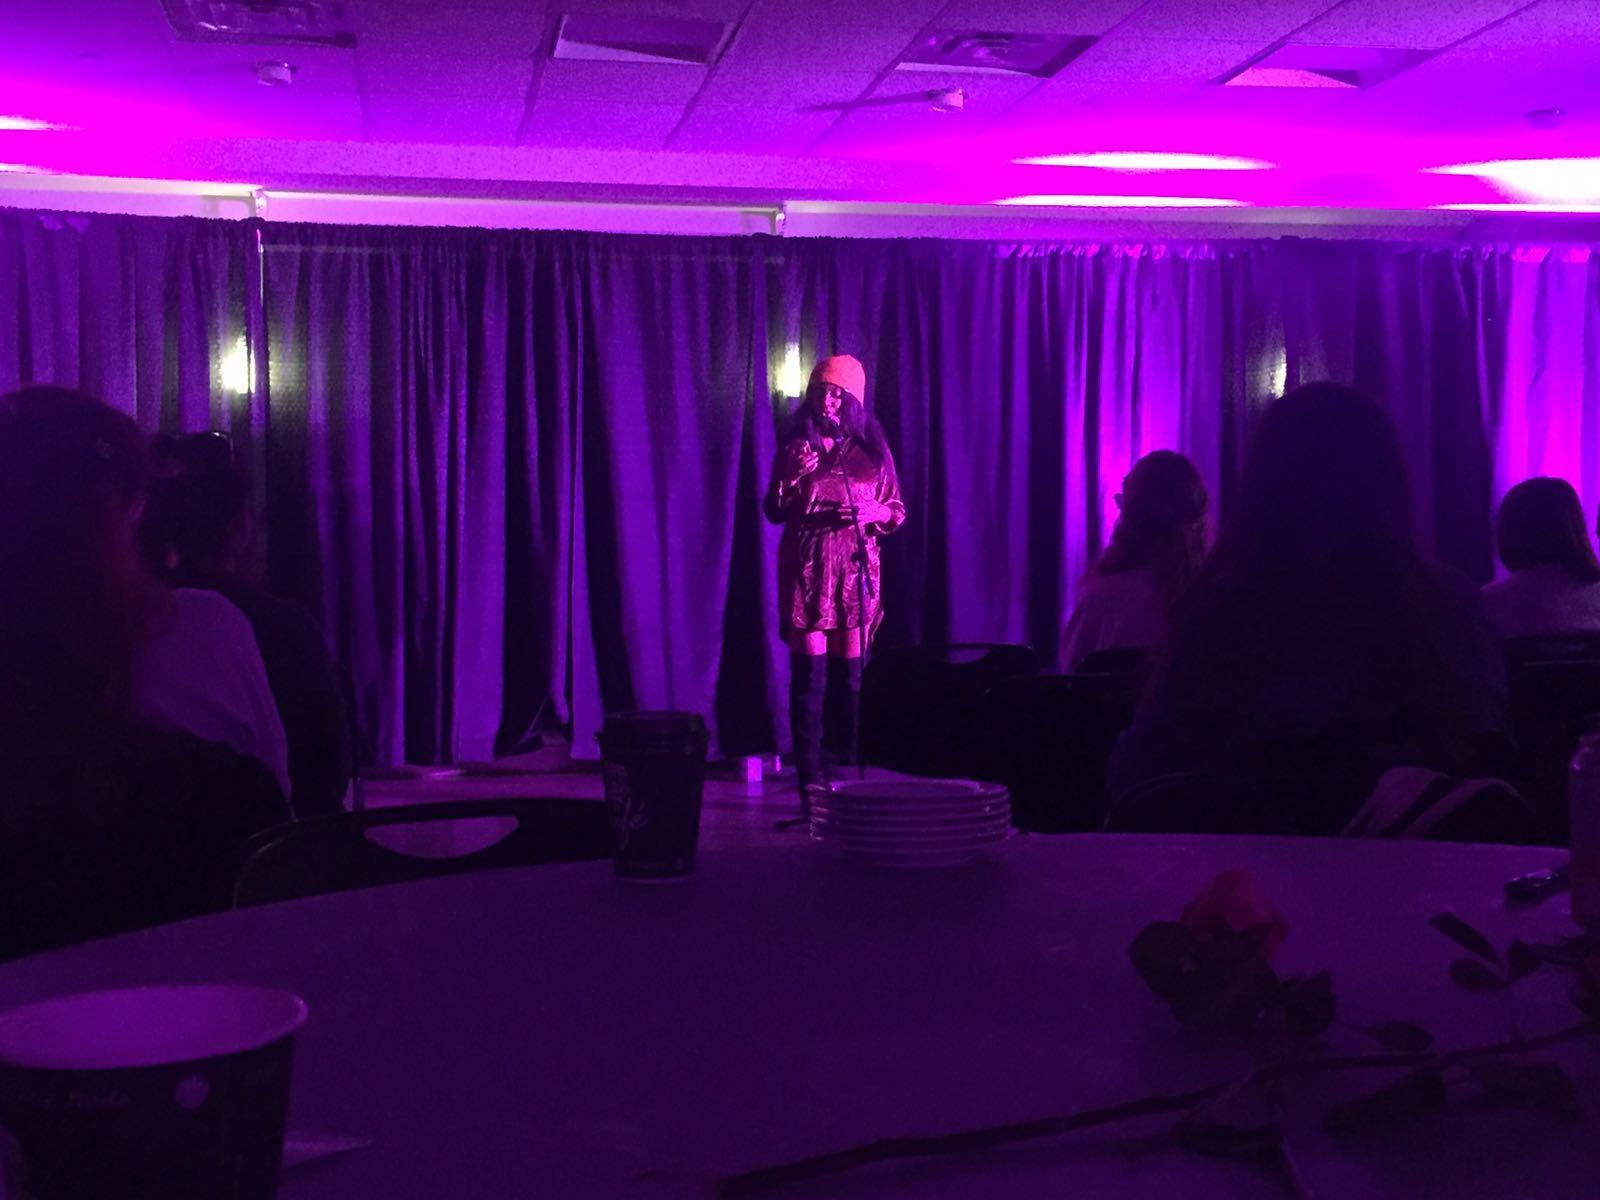 Purple Sex on stage